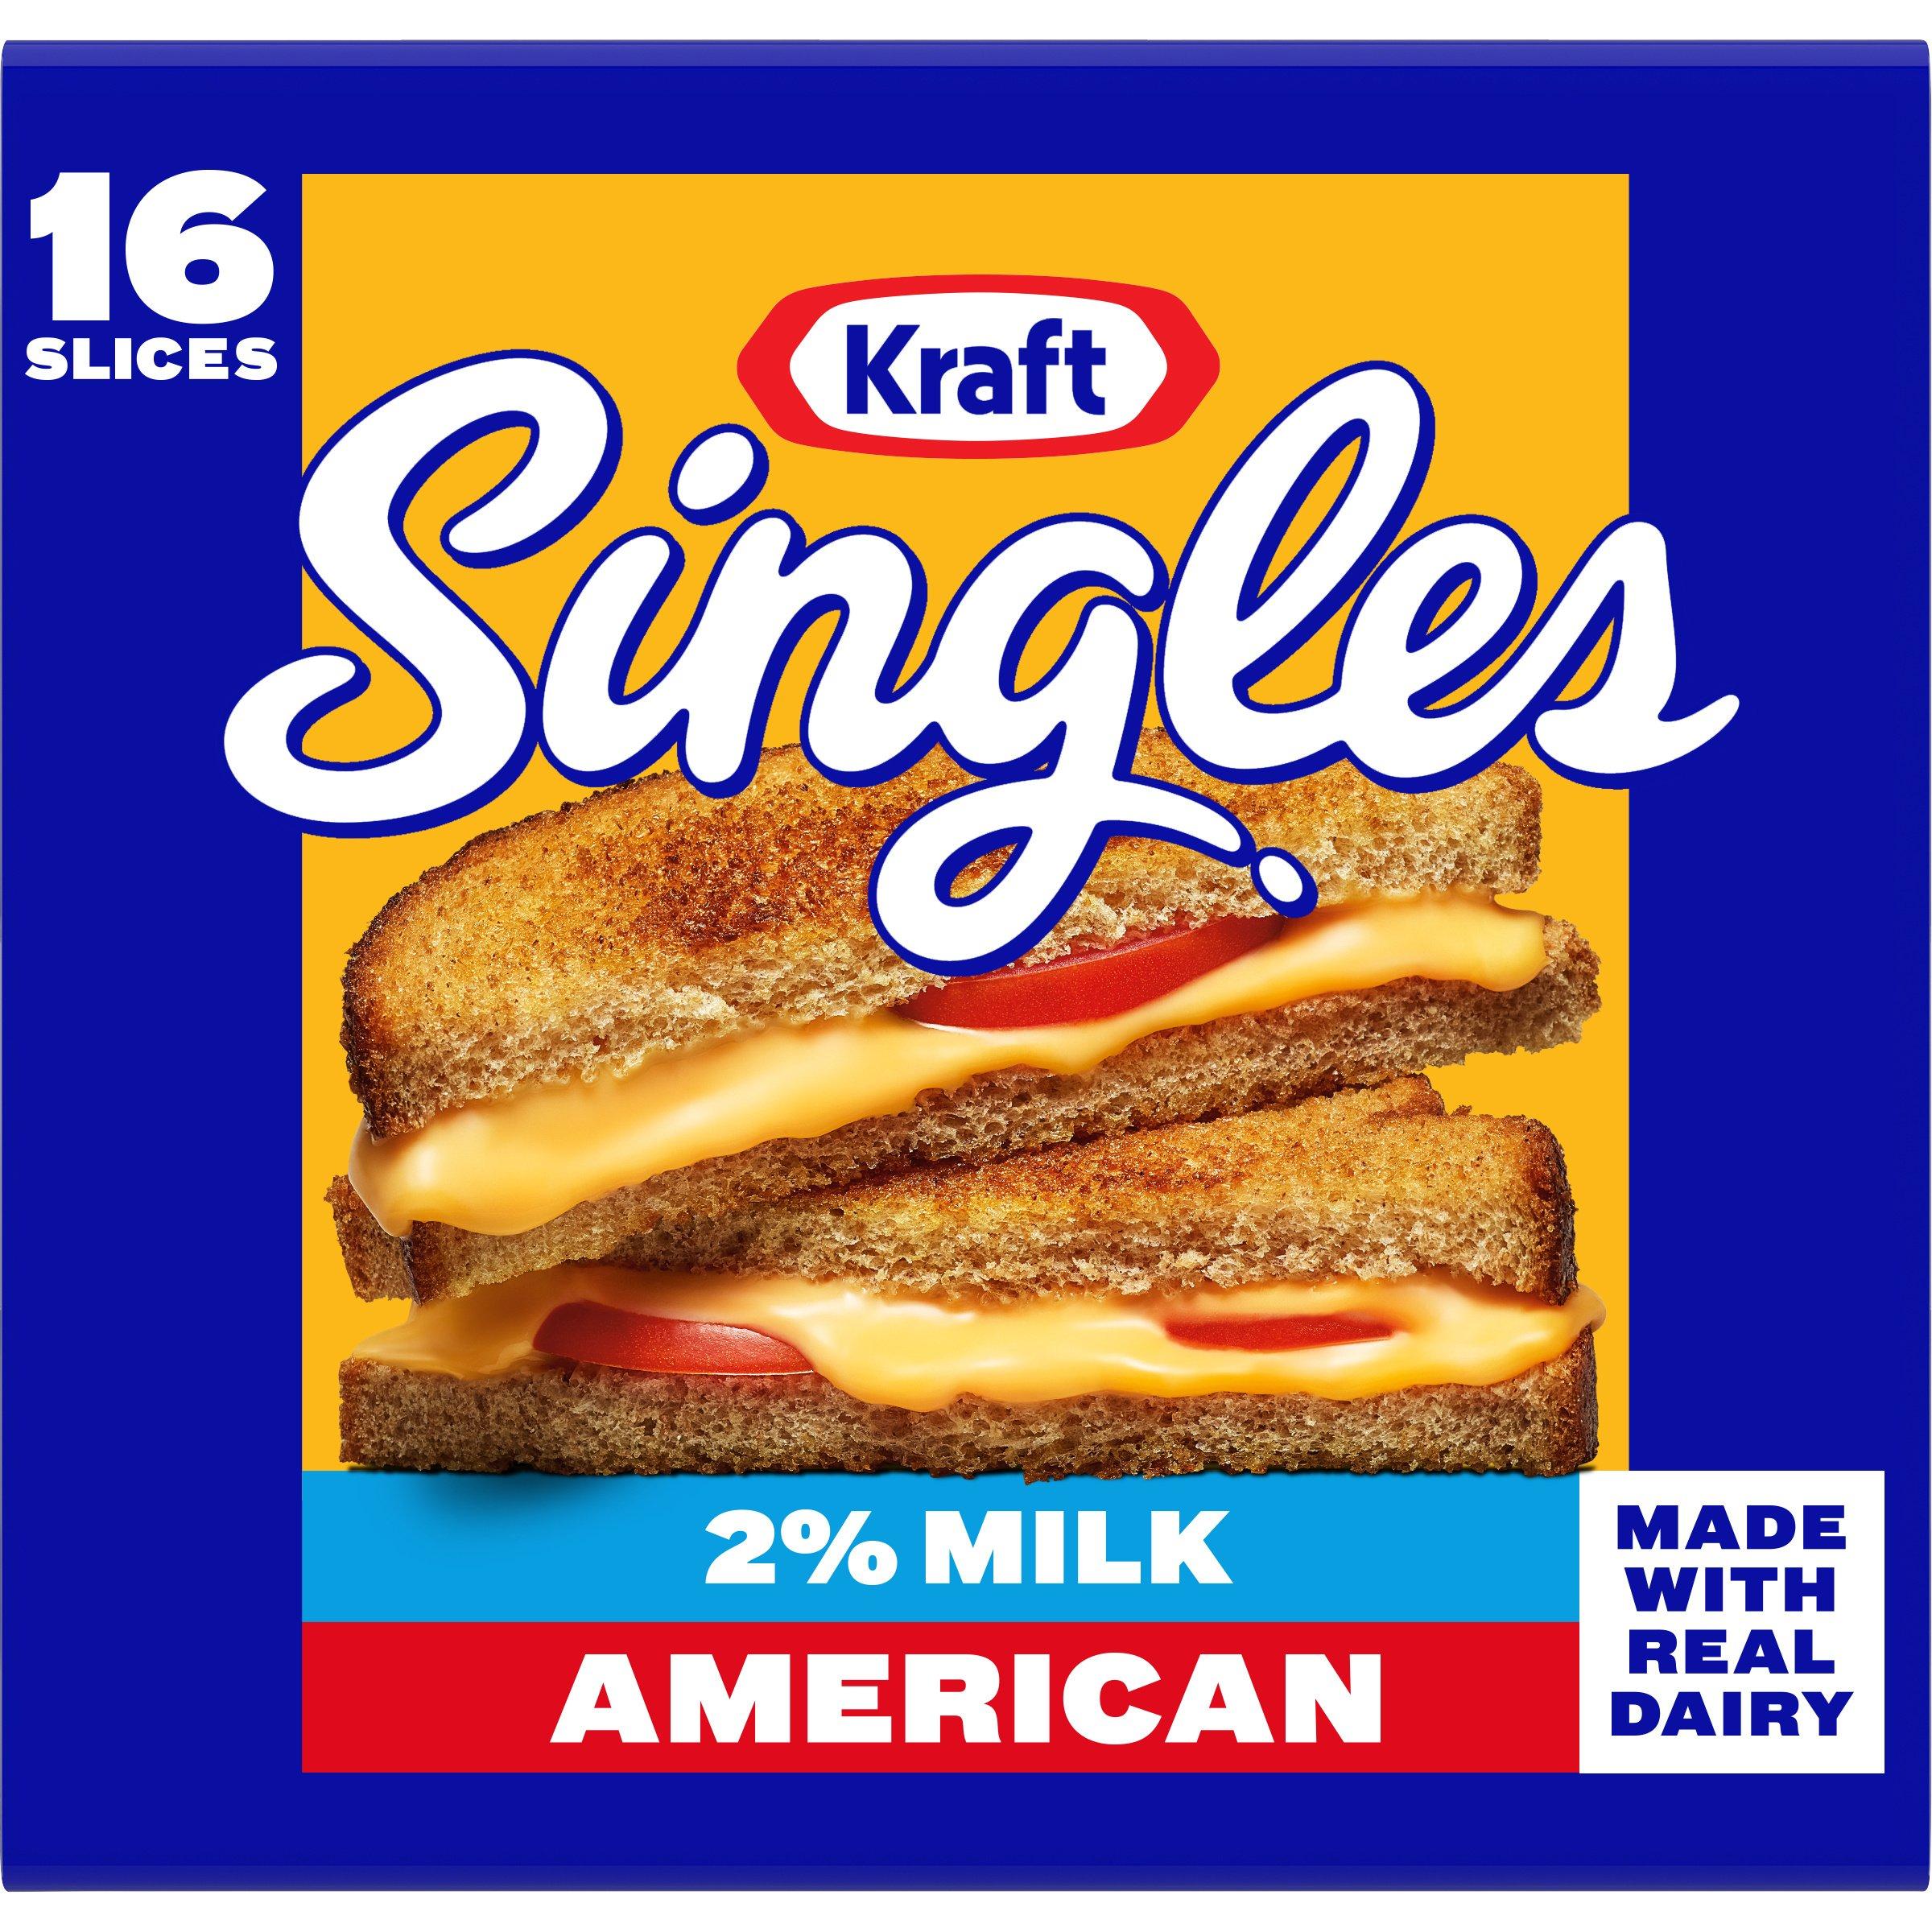 Kraft Singles Reduced Fat 2% Milk